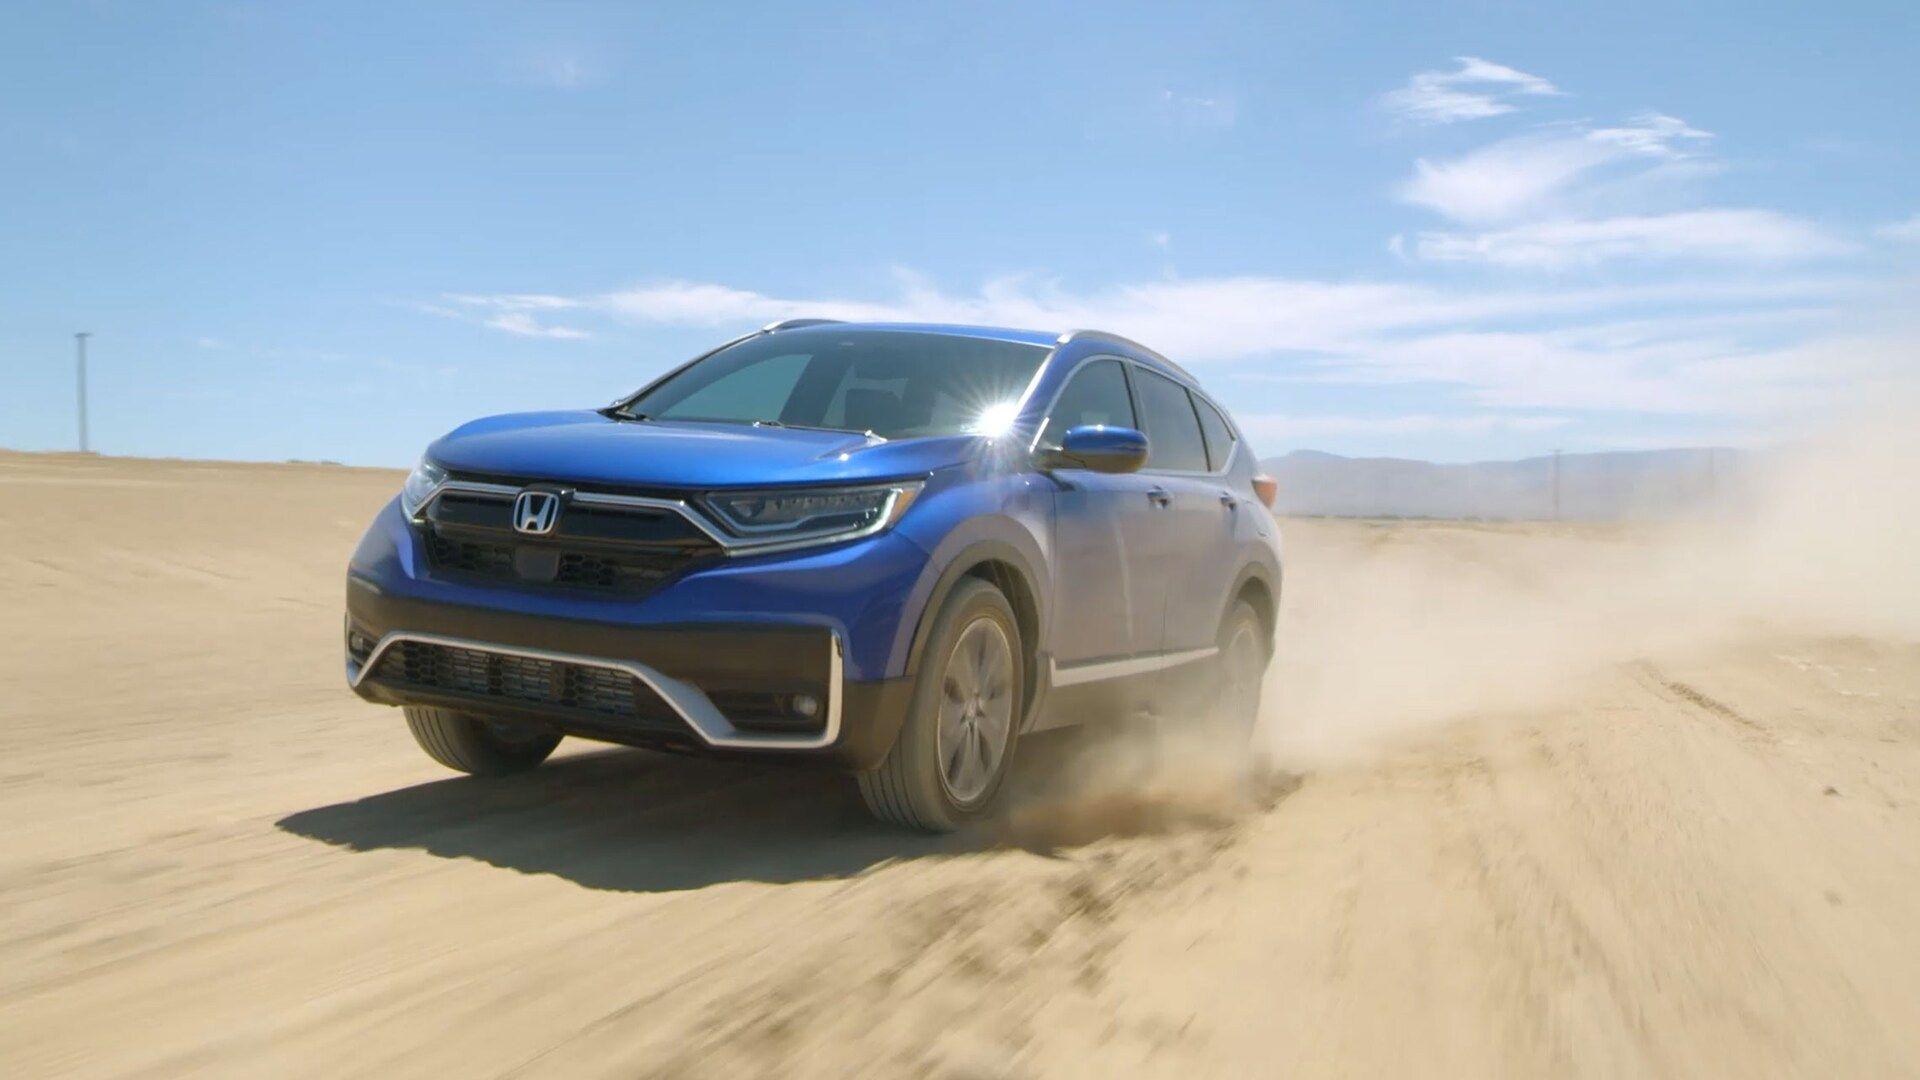 New 2020 Honda CR-V EX Trim and Features